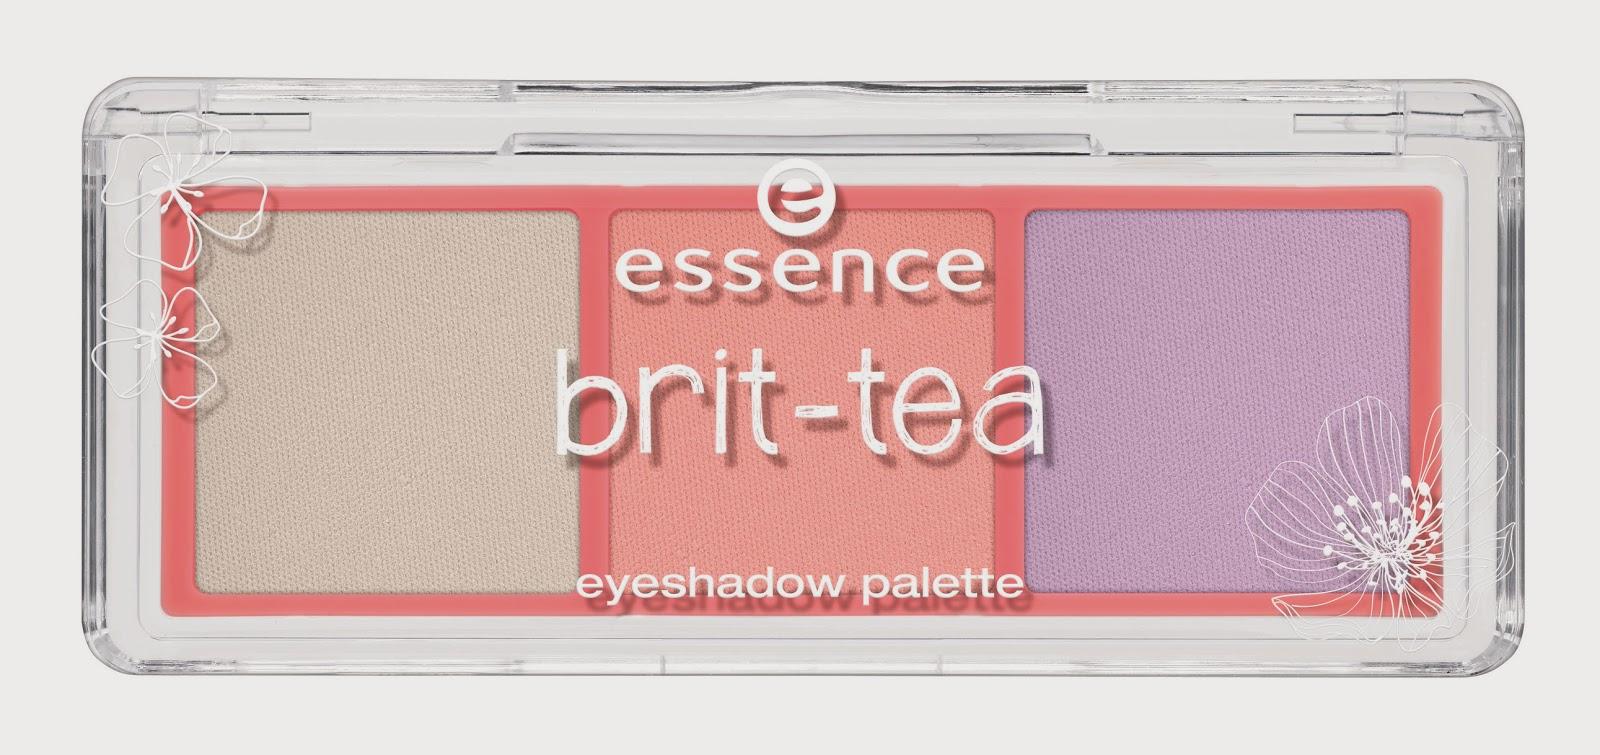 essence brit-tea – eyeshadow palette - www.annitschkasblog.de